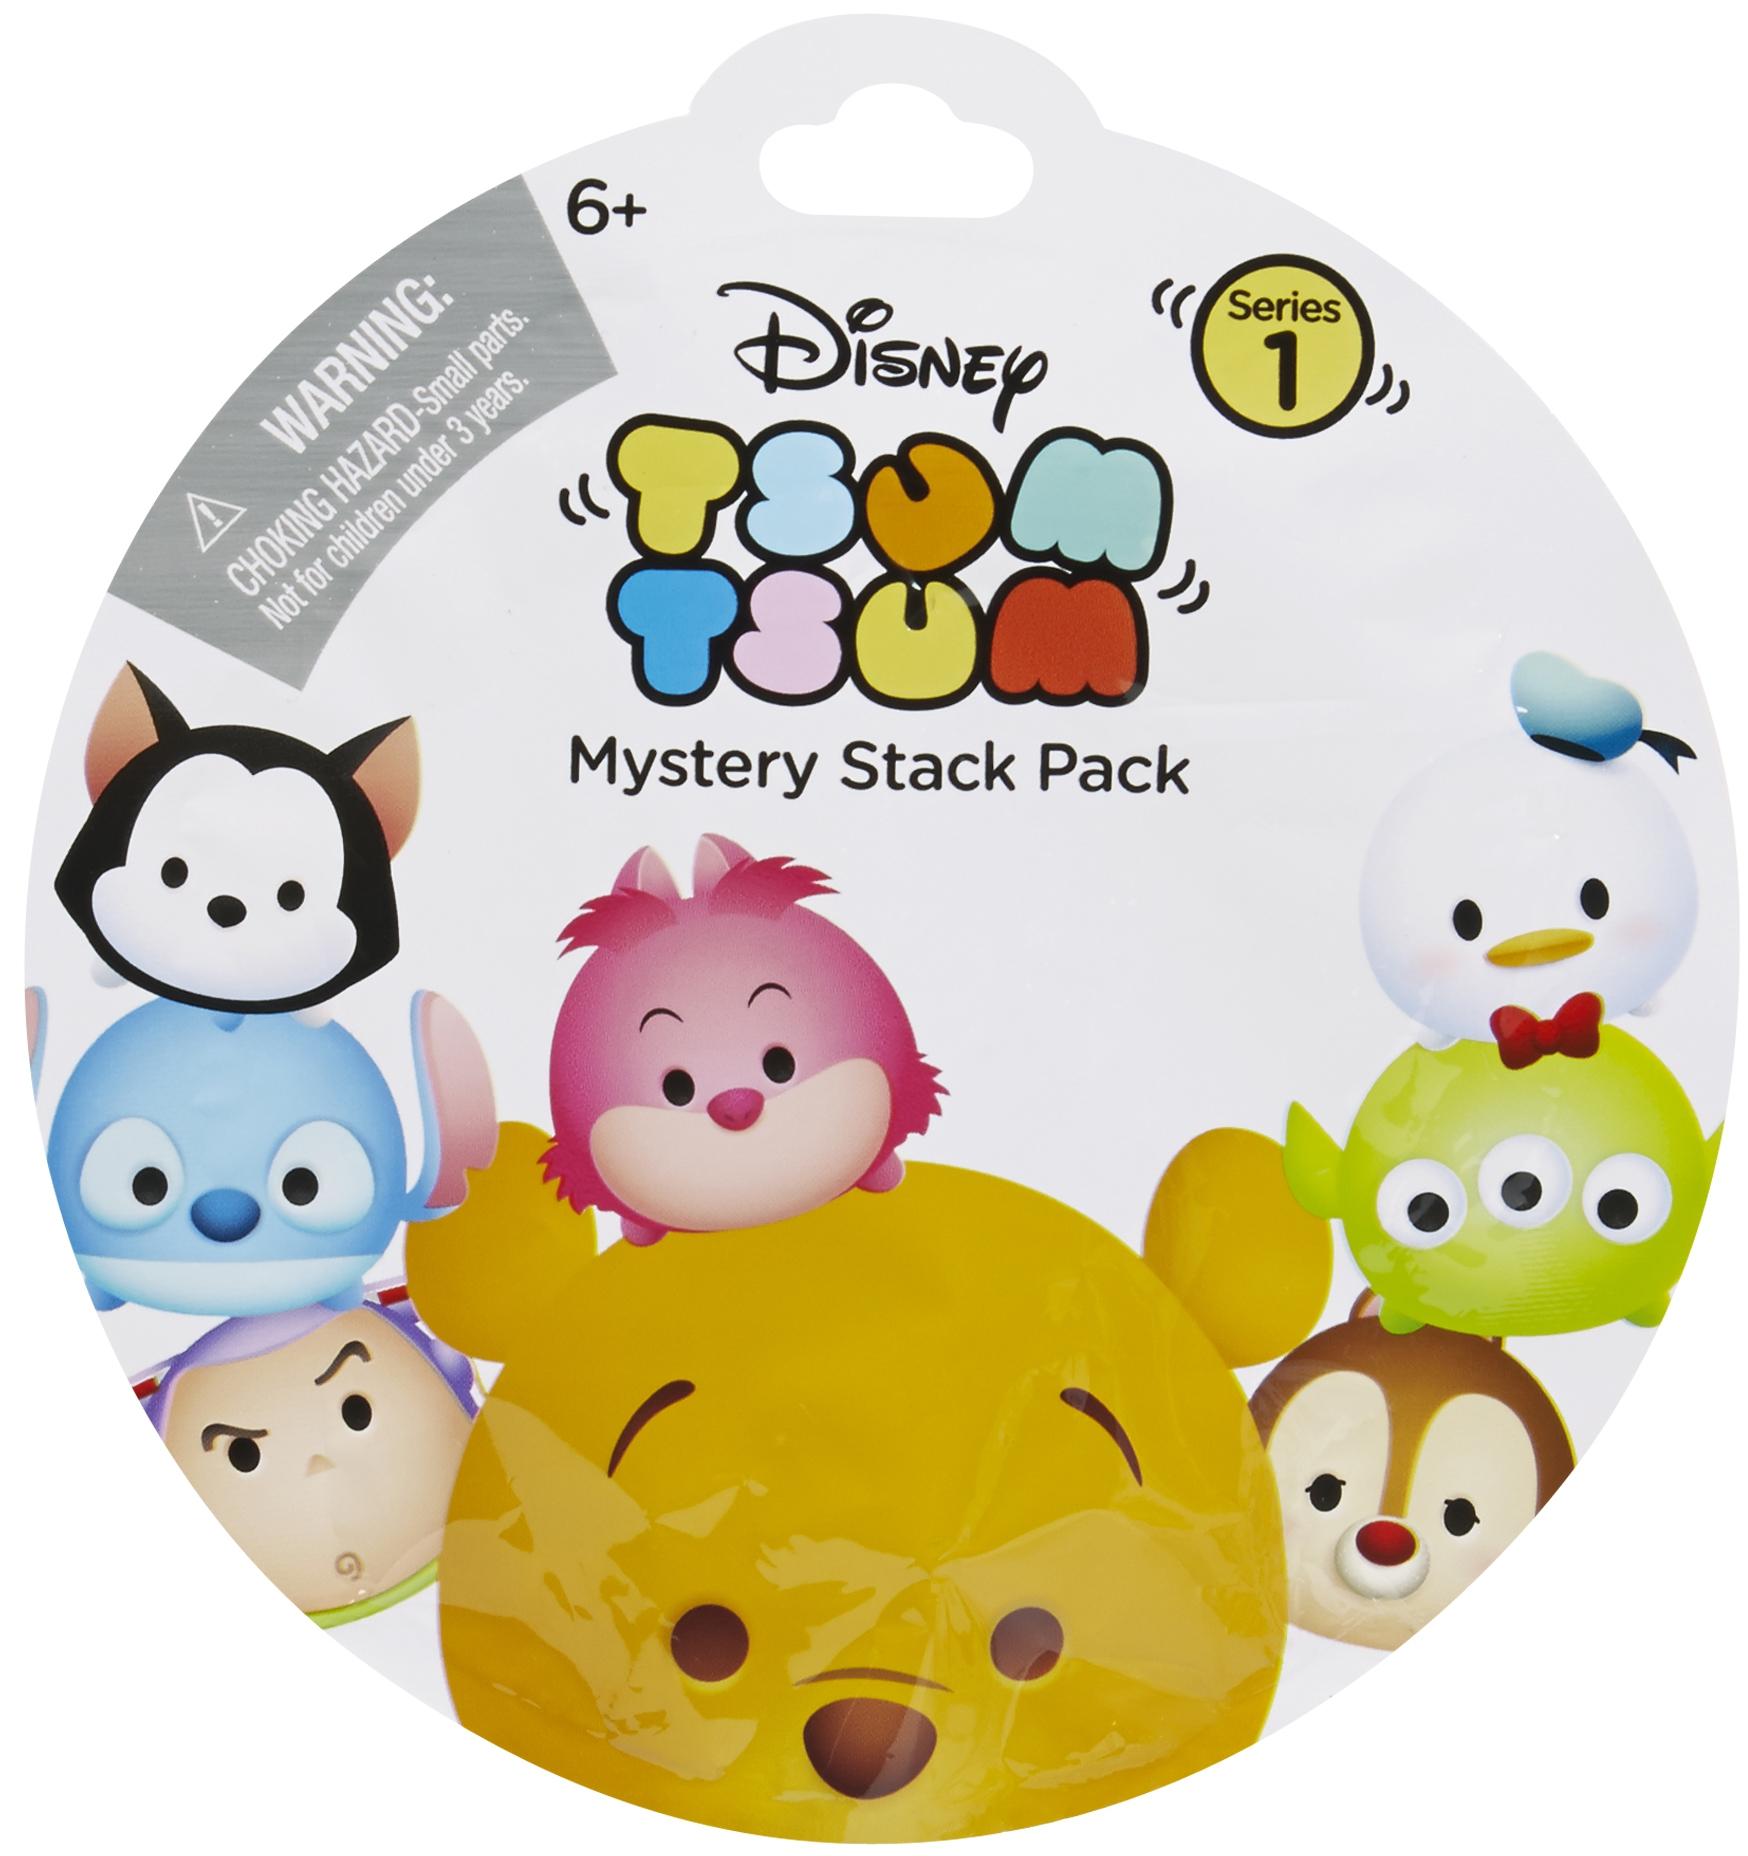 Фигурки героев мультфильмов Tsum Tsum Фигурка Tsum Tsum коллекционная в ассортименте фигурка коллекционная tsum tsum jakks pacific уп ка из 9 шт 8 шт в коробе 997000 в ассортименте